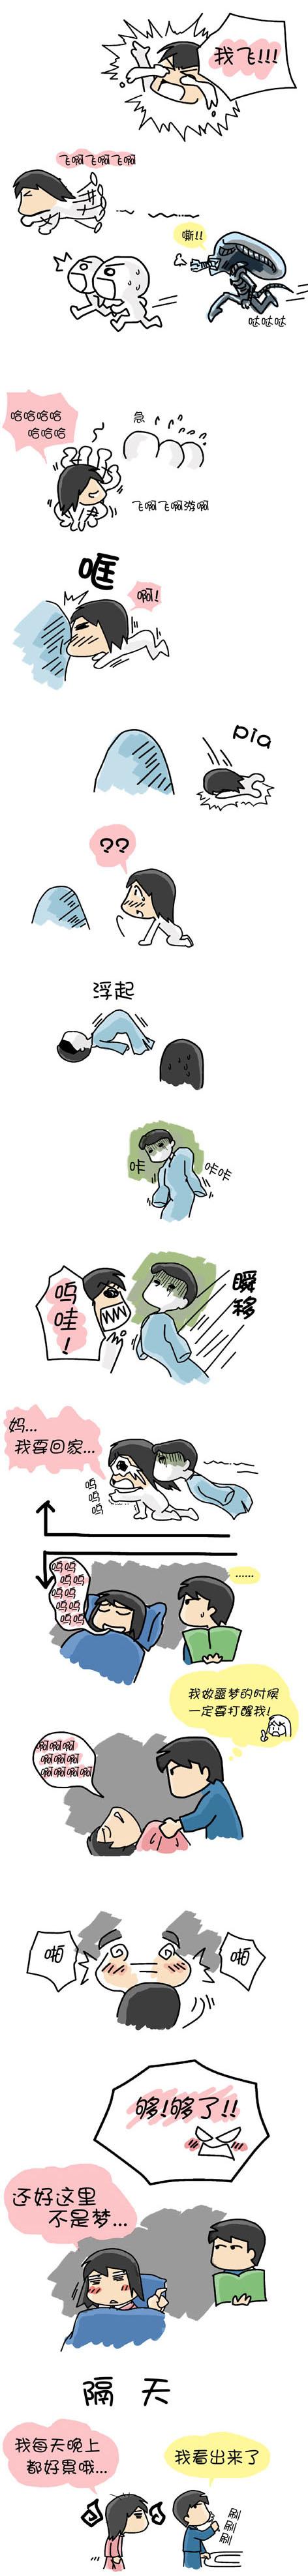 梦 (下) - 小步 - 小步漫画日记